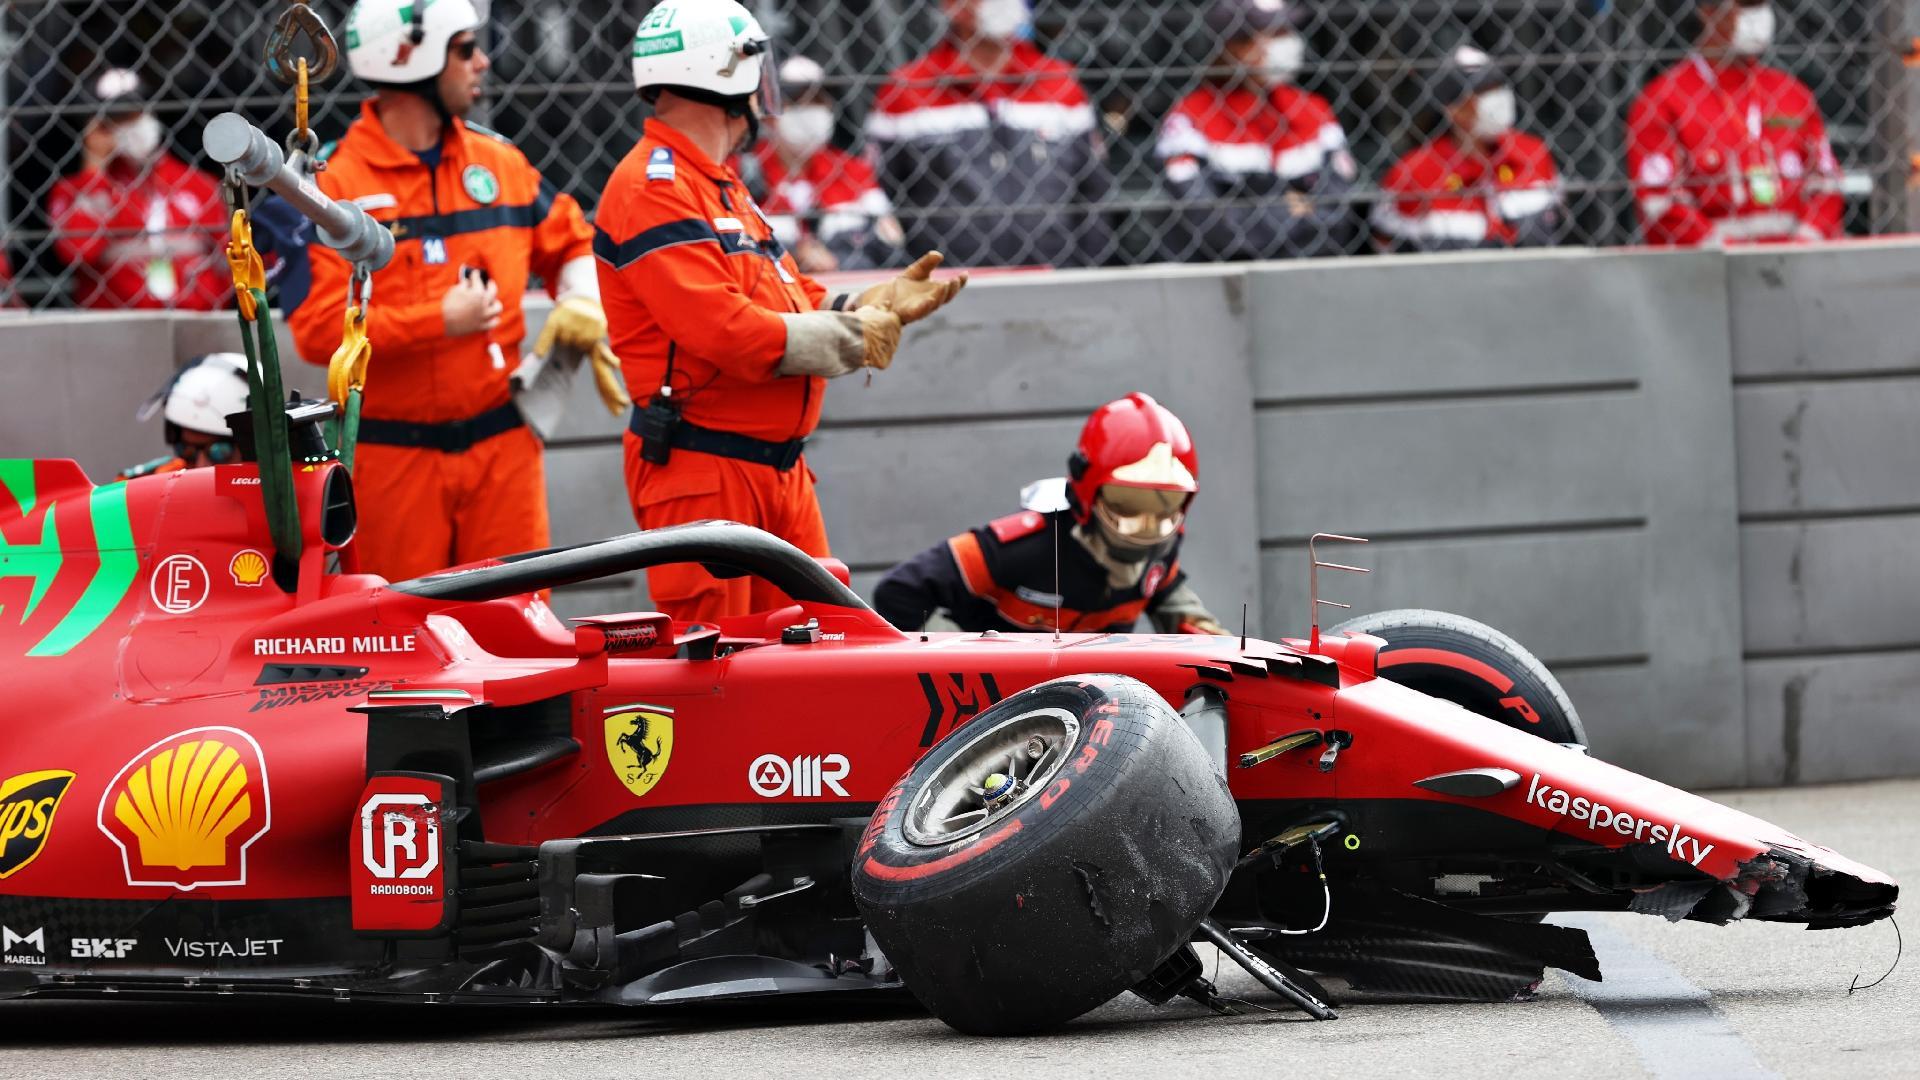 GP de Mônaco: veja como foi o treino para o grid de largada